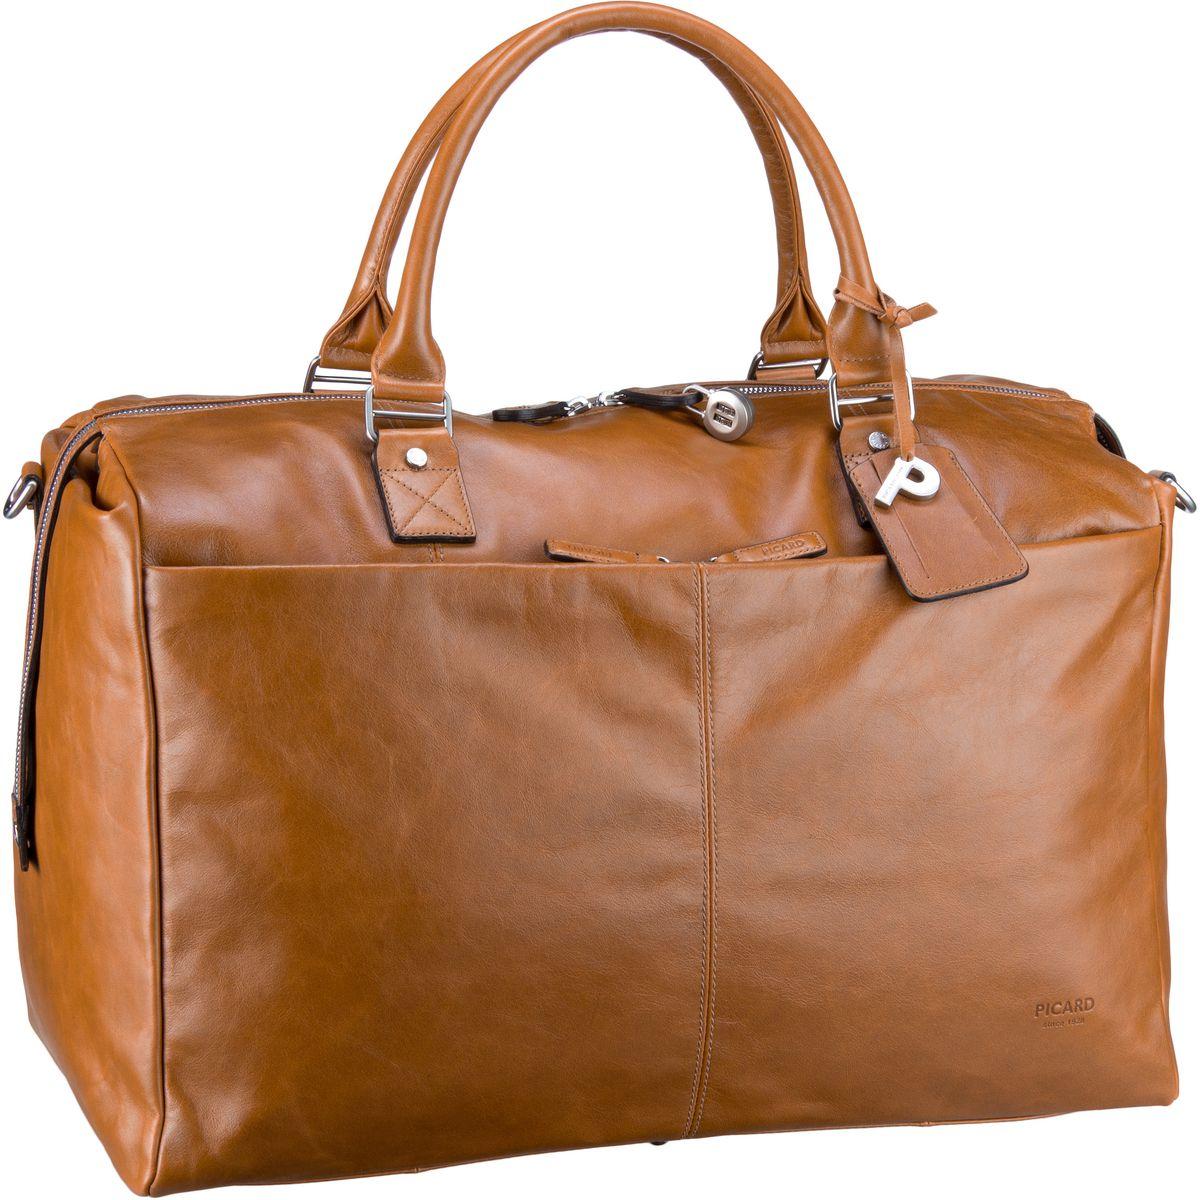 Reisegepaeck für Frauen - Picard Reisetasche Weekend 4607 Cognac  - Onlineshop Taschenkaufhaus